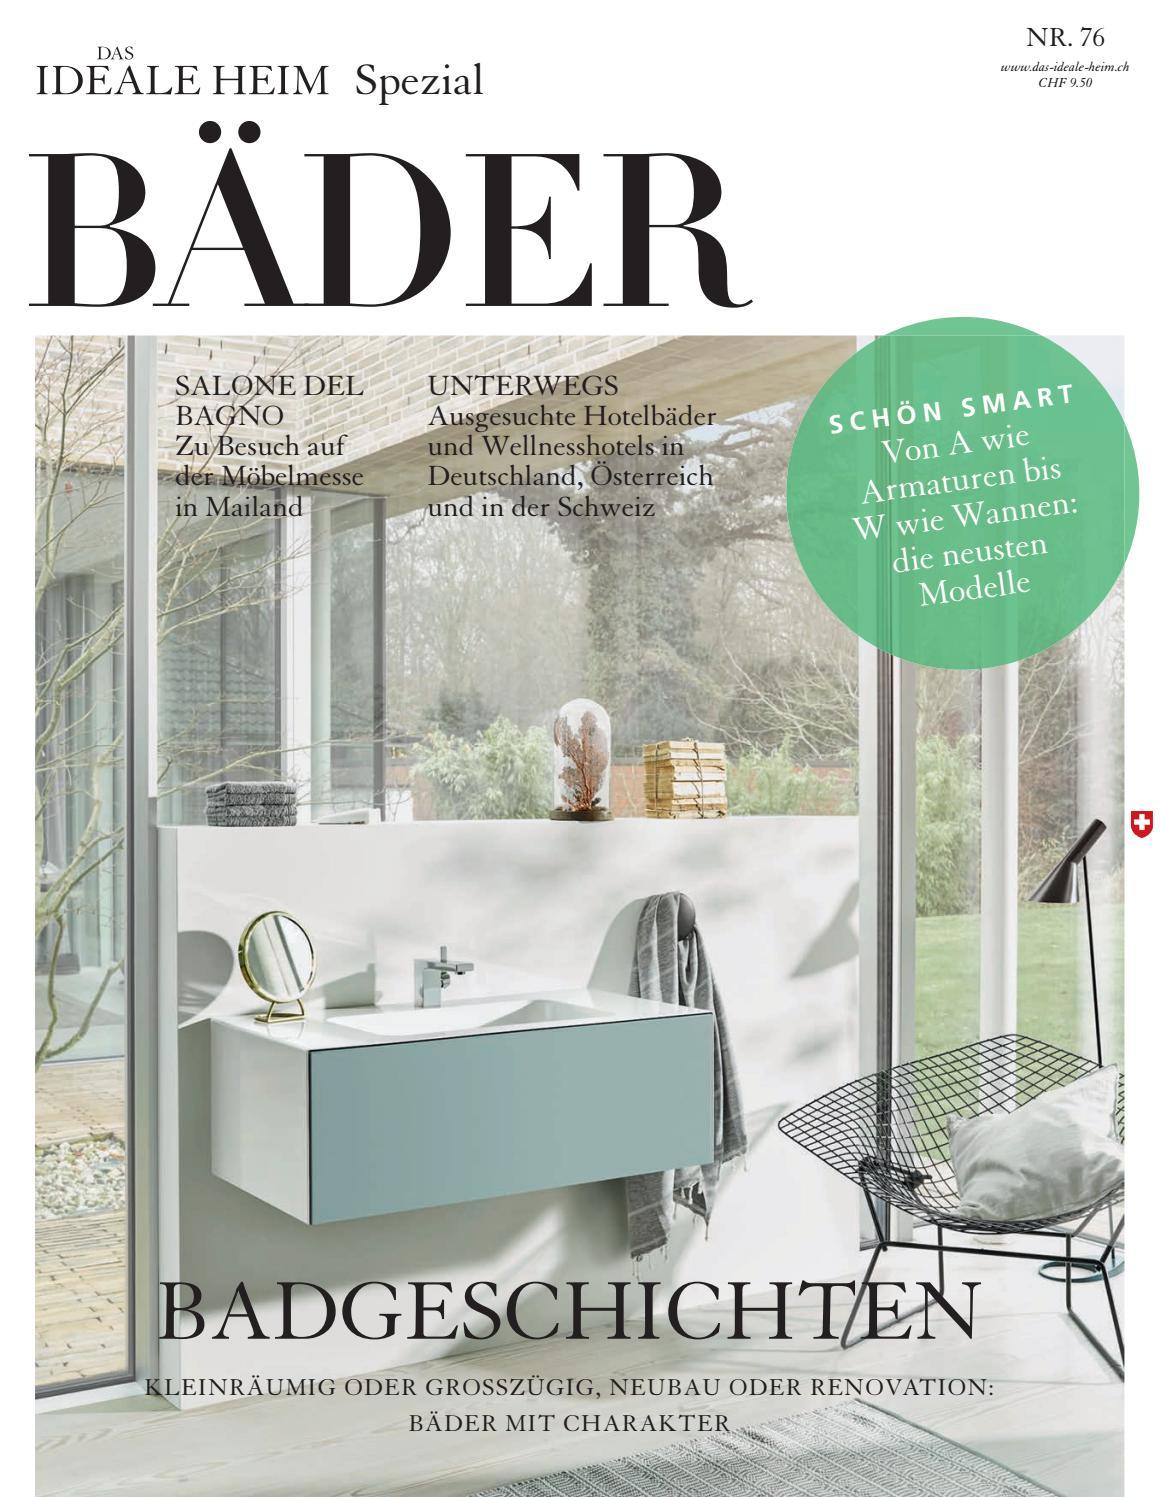 Das Ideale Heim – Bäder Spezial 2016 by Archithema Verlag - issuu